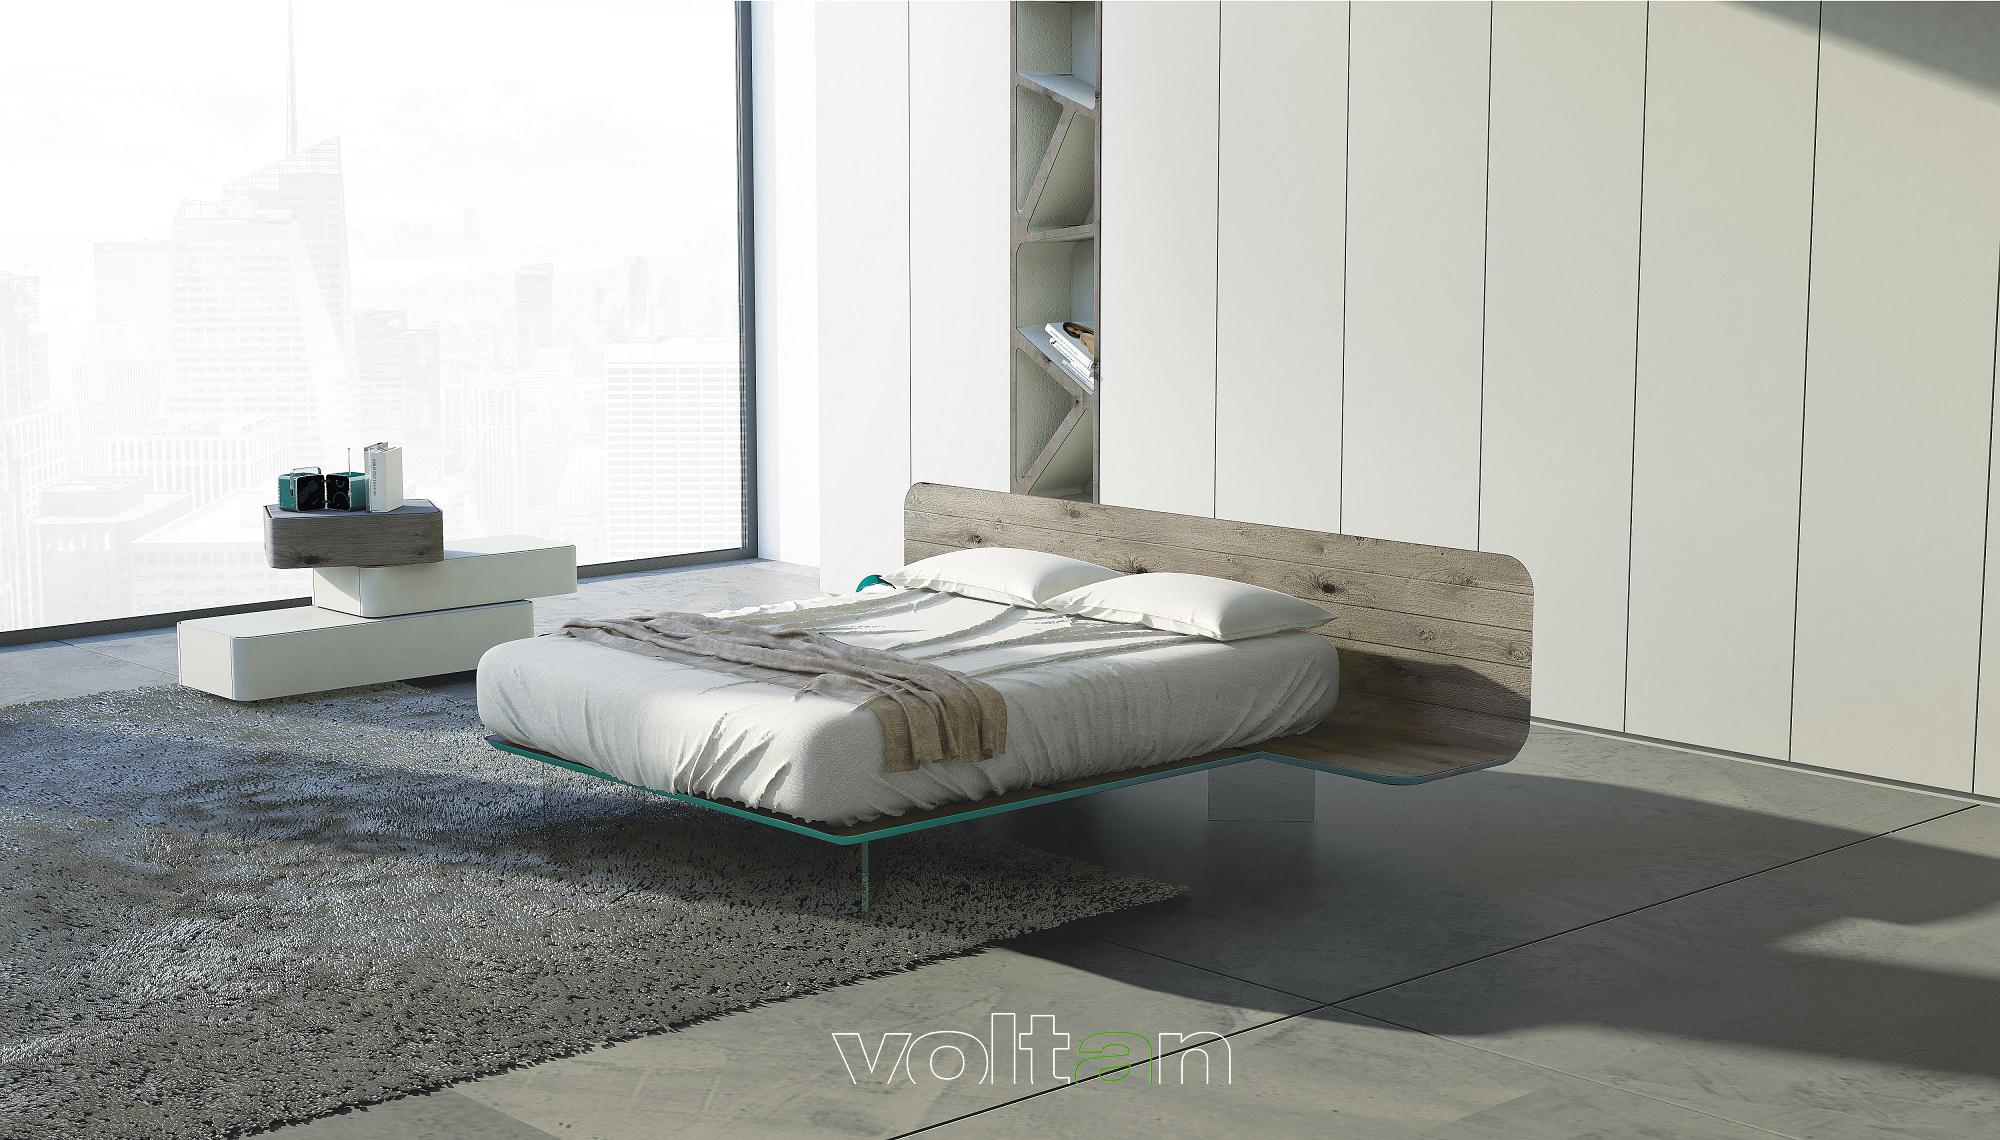 Camera Da Letto Fredda arredamento essenziale camera da letto: mobili minimal zona